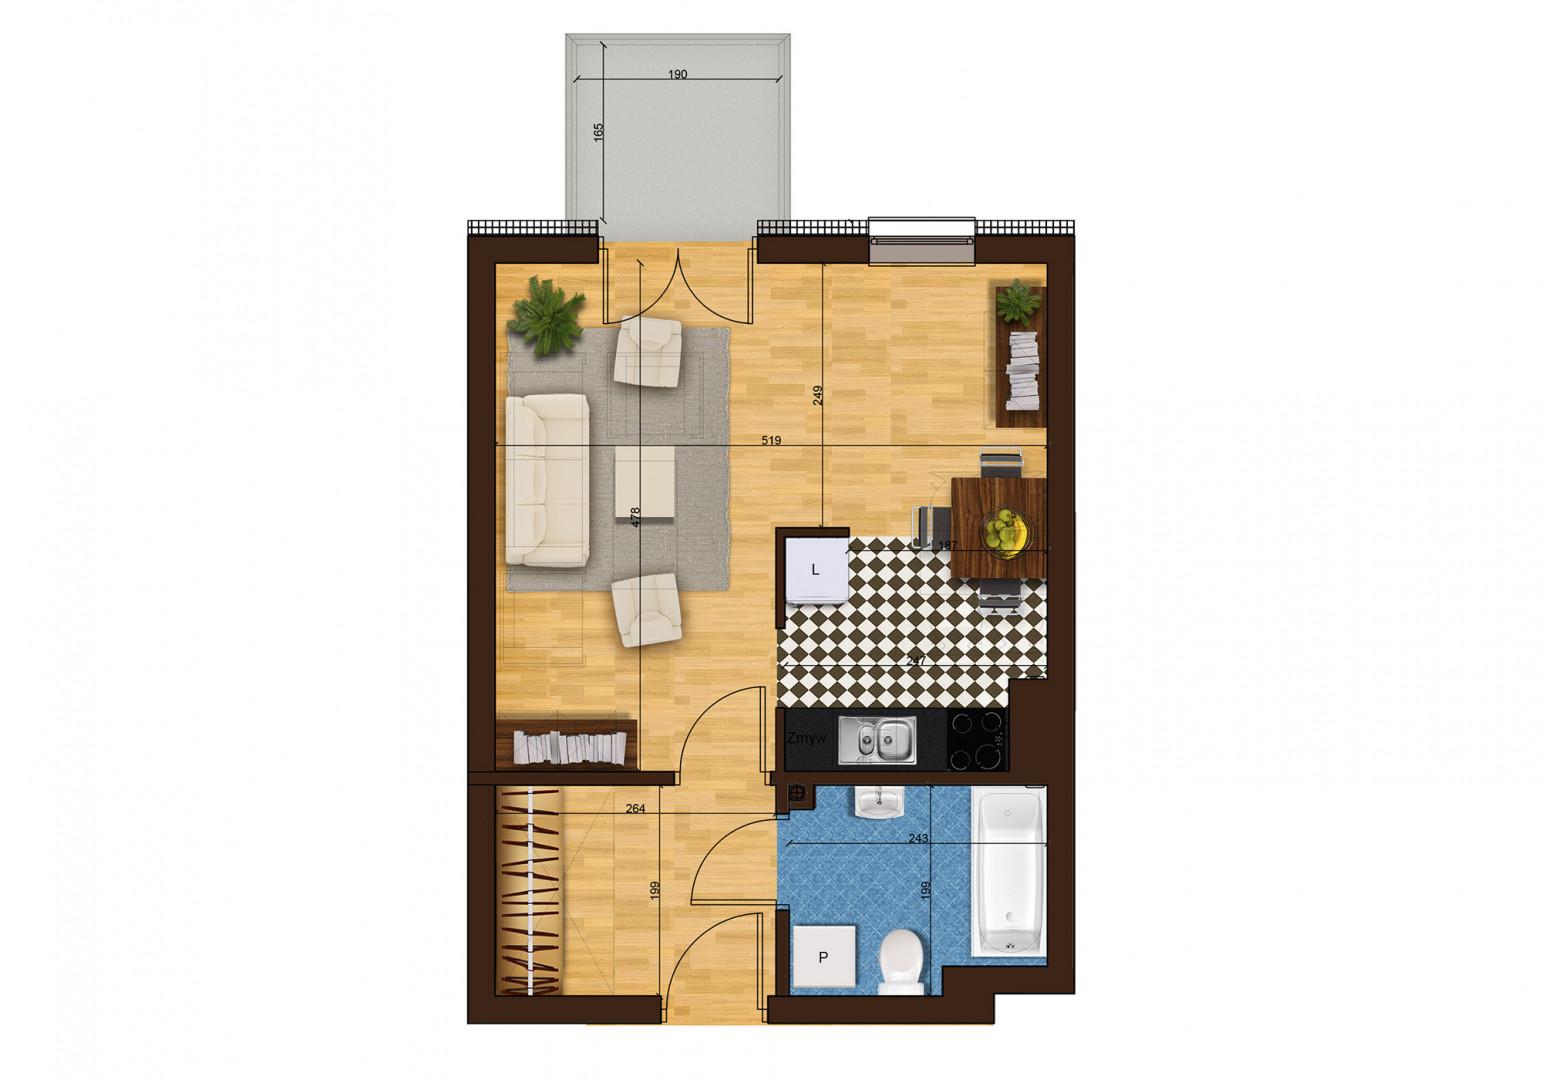 Mieszkanie jednopokojowe 33G/44 rzut 1